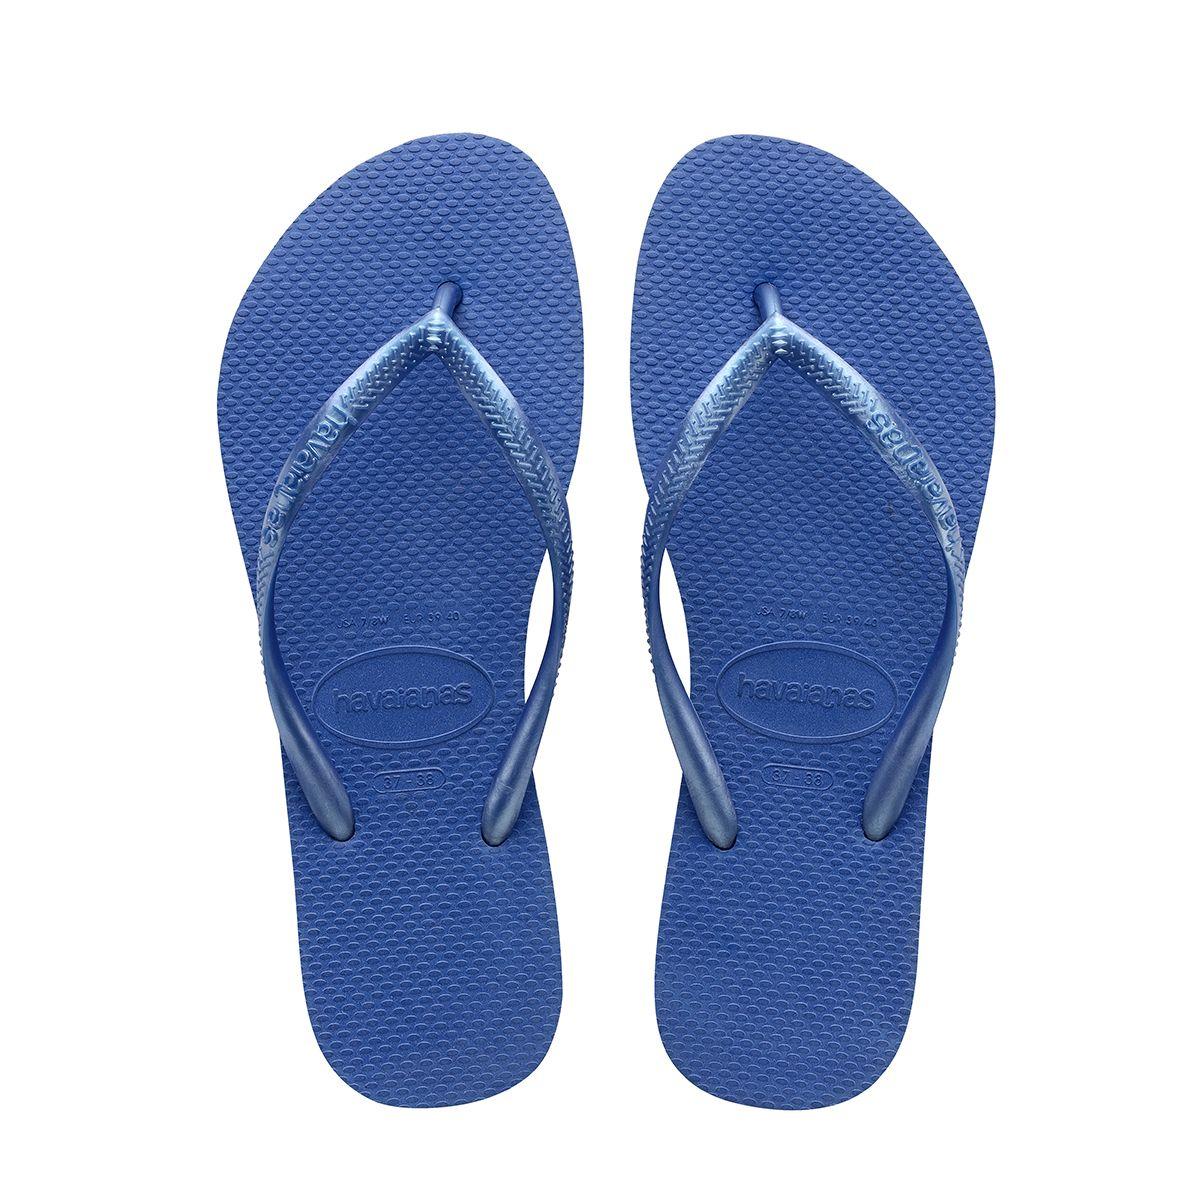 Slim Sandal Light Blue Havaianas With Images Black Flip Flops Blue Flip Flops